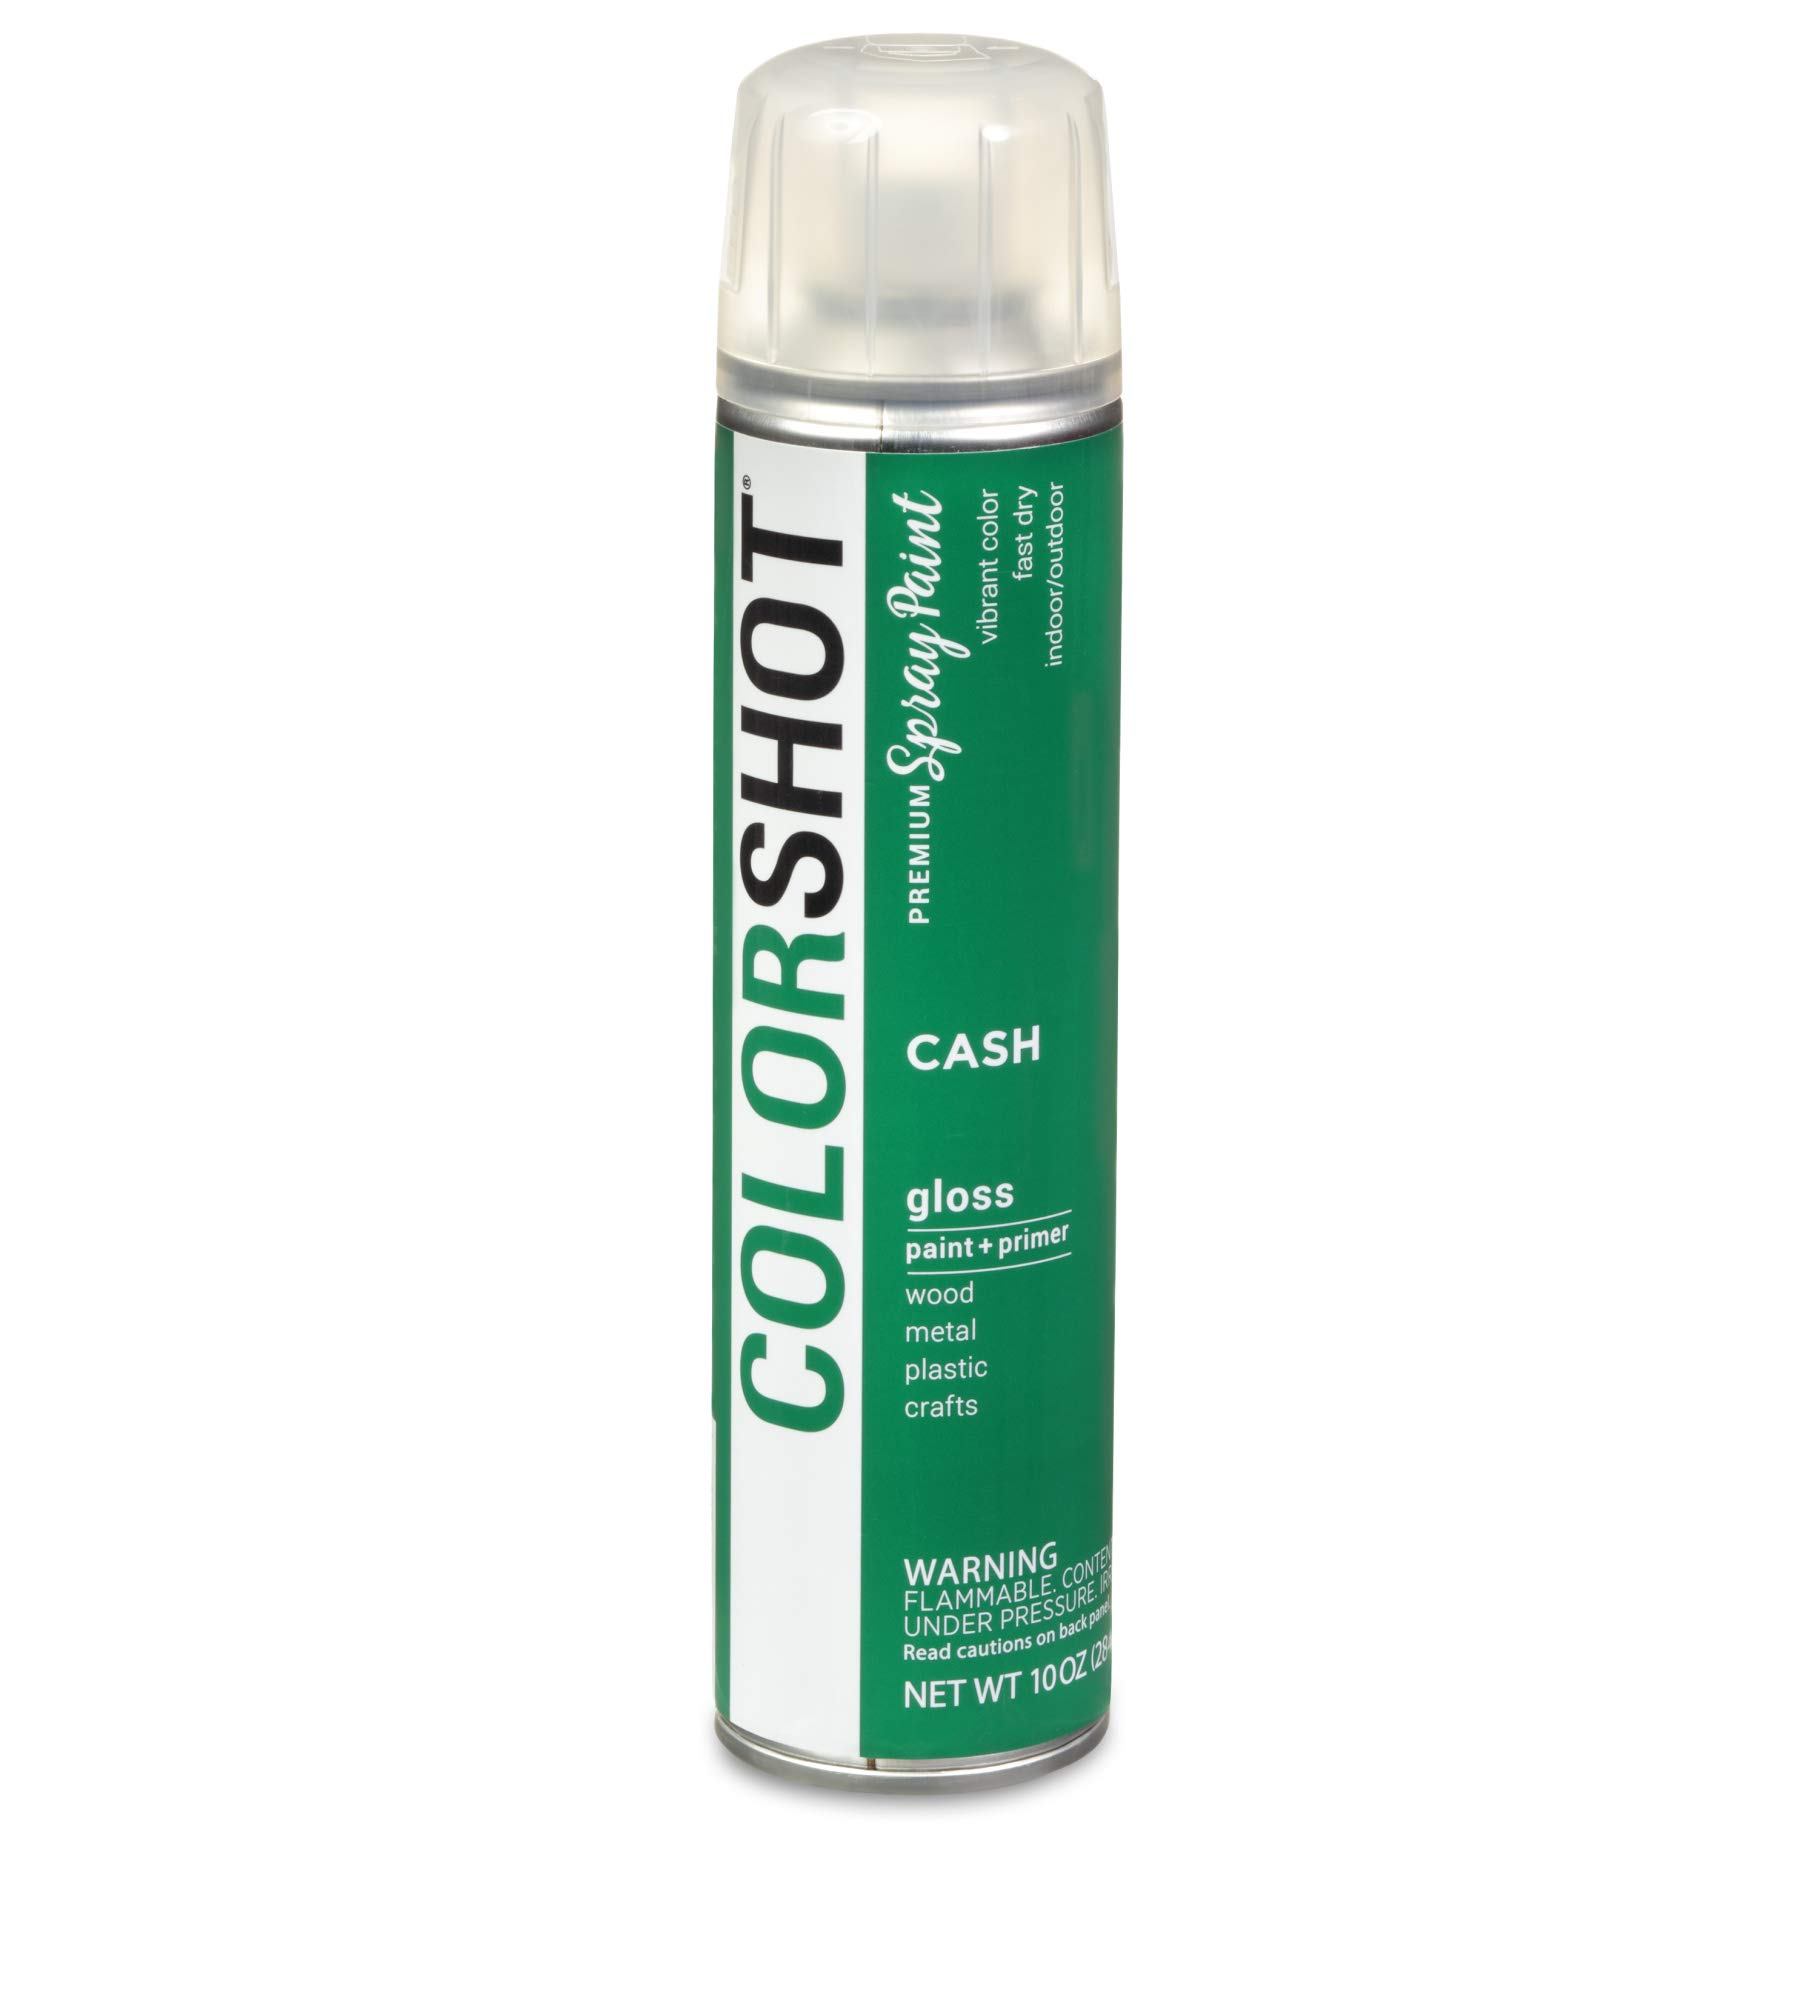 COLORSHOT Spray Paint, Cash (Green)